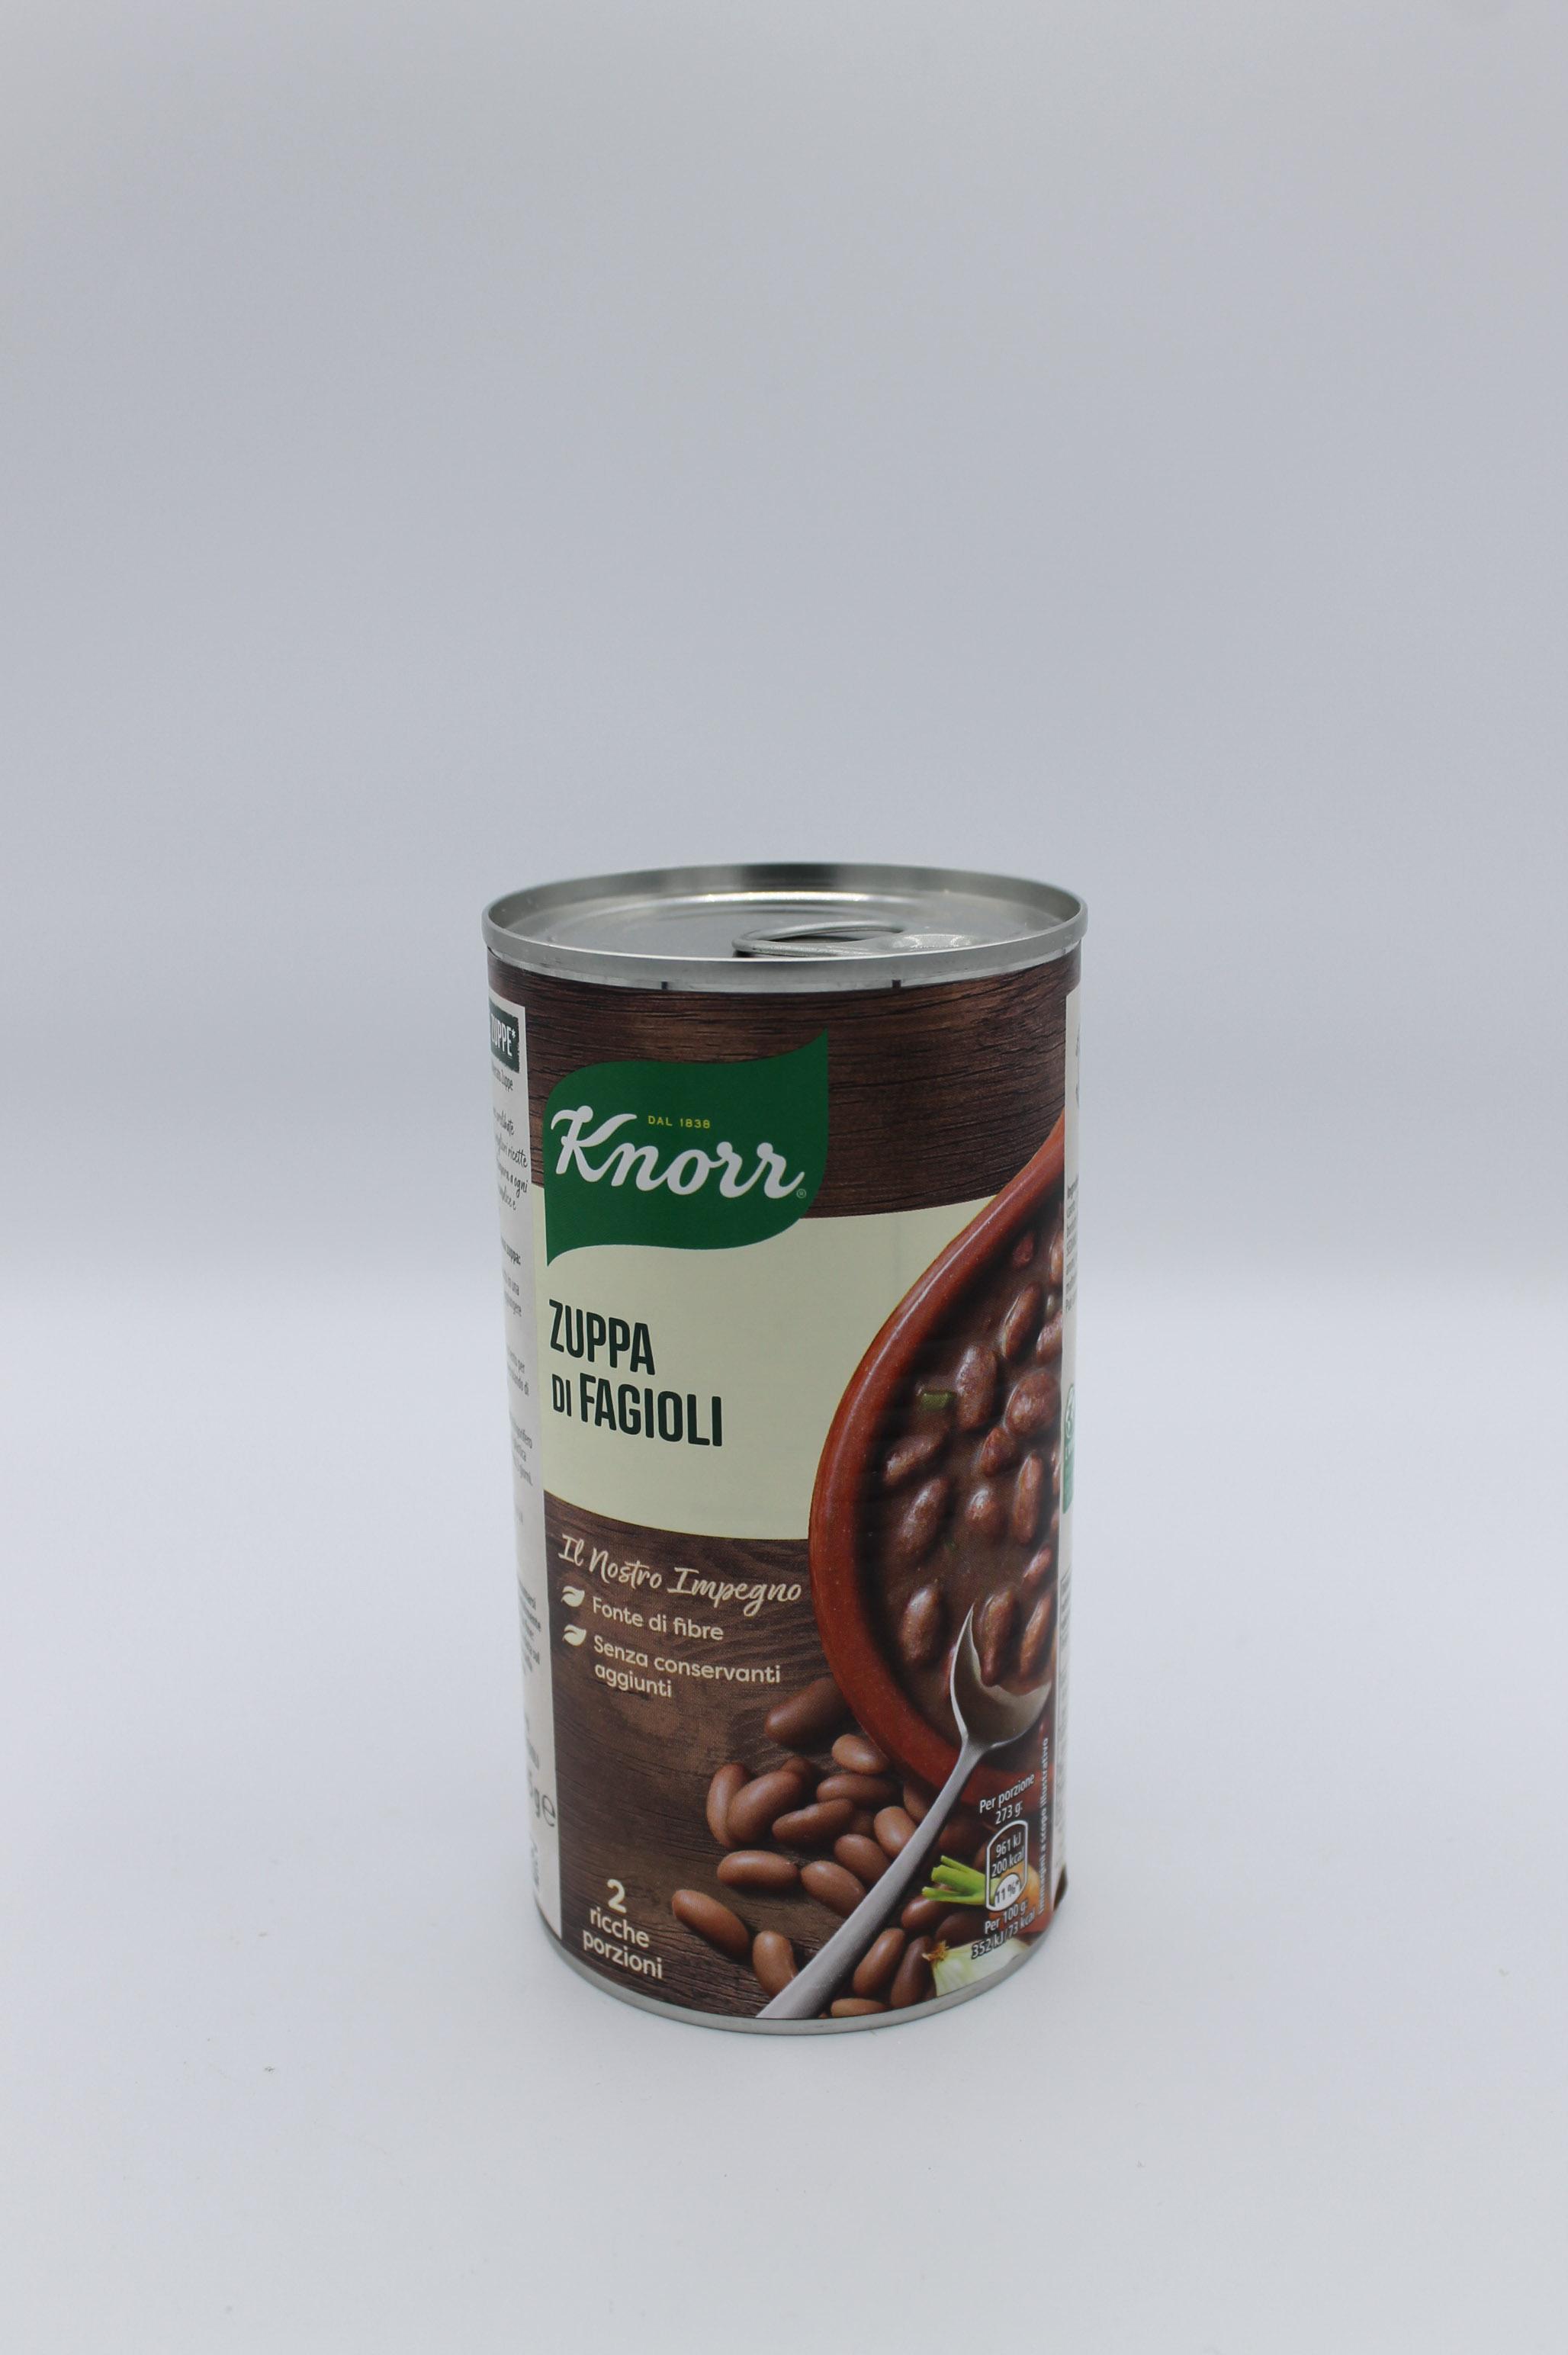 Knorr zuppa fagioli 545 gr.